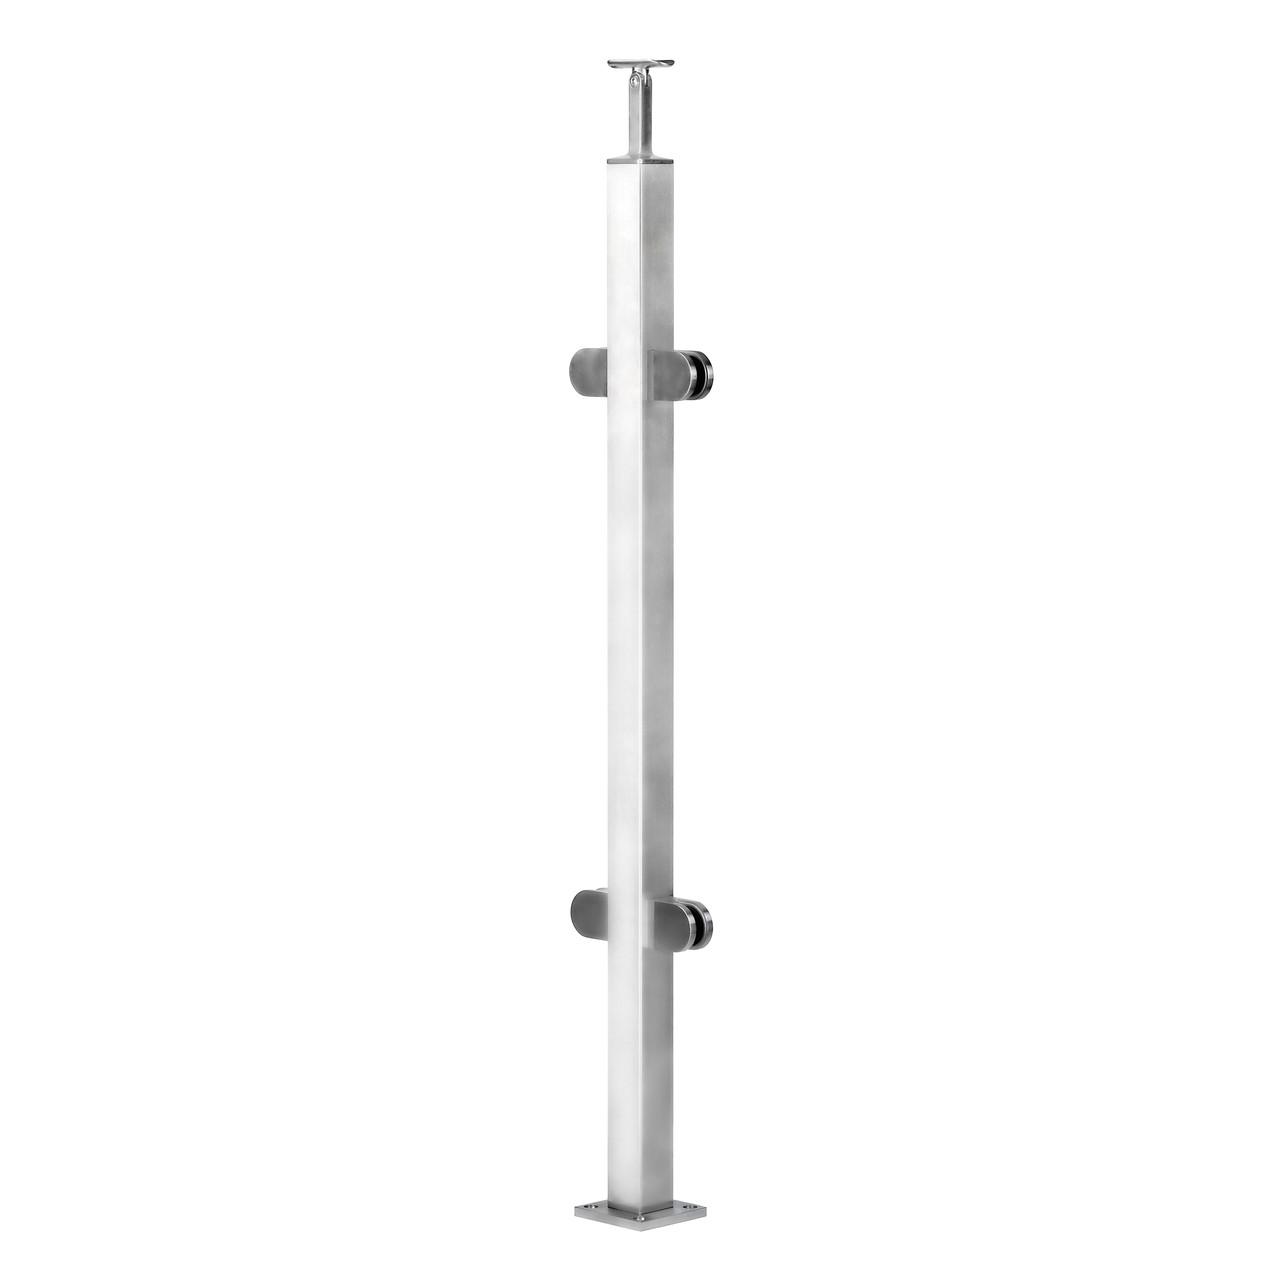 ODF-19-06-01-H1060 Средняя стойка ограждения под стеклянное наполнение и квадратный поручень